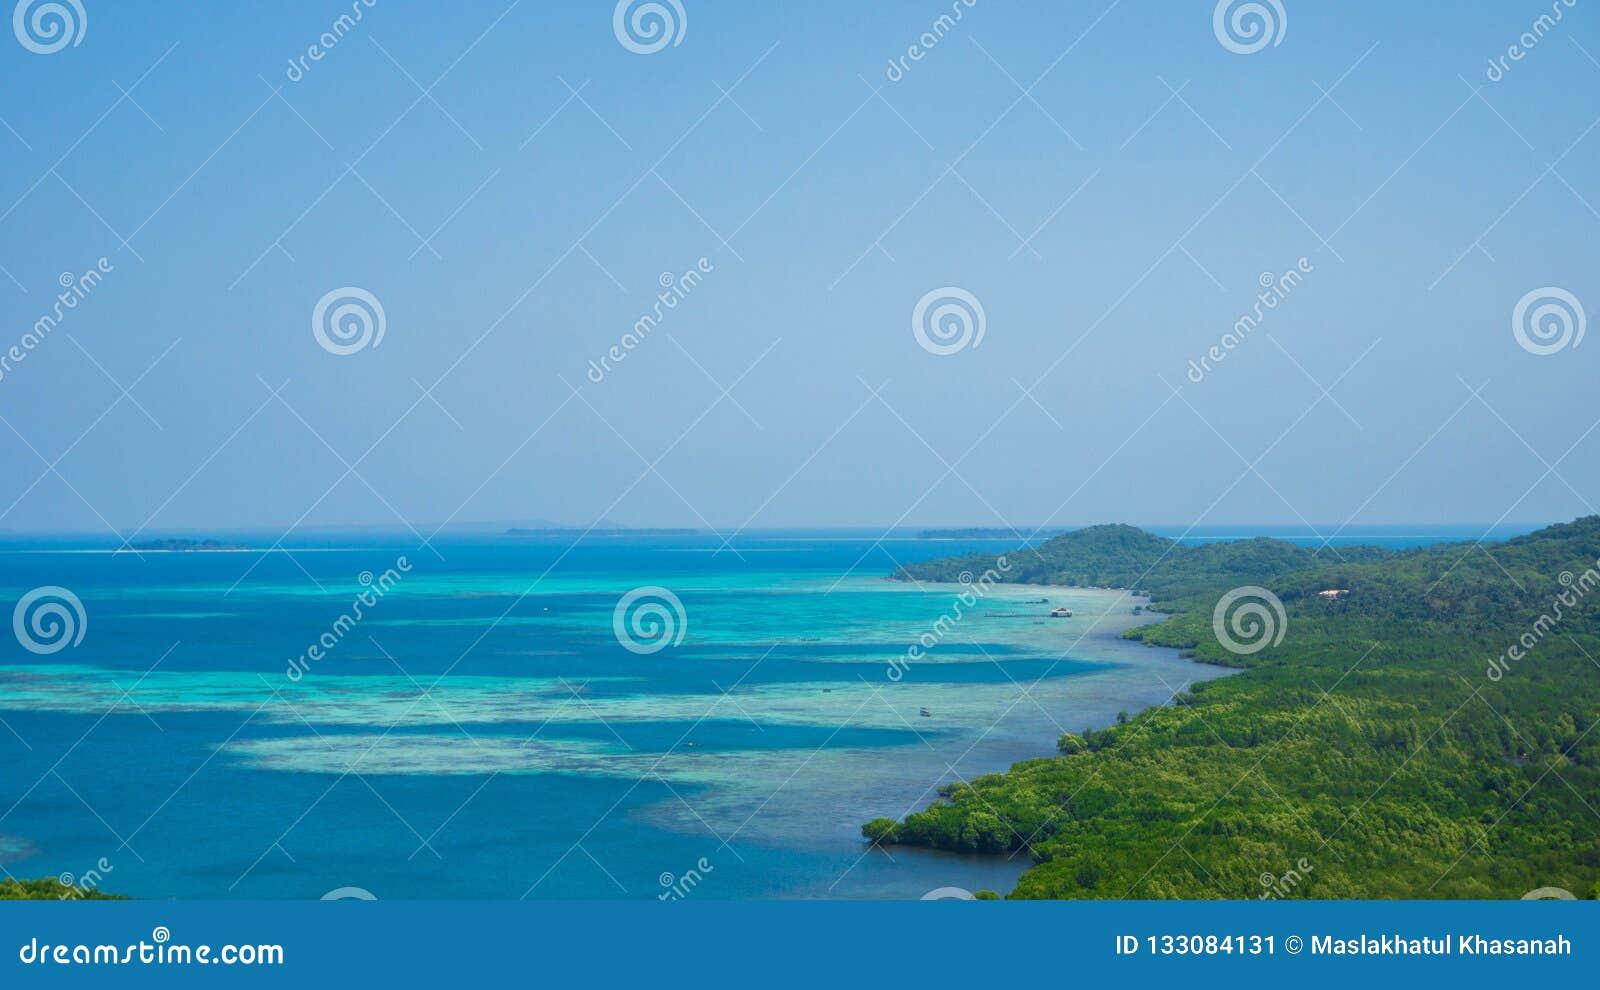 Grüne Türkishorizontküstenlinie der Insel und des Meeres des blauen Wassers mit klarem Himmel in karimun jawa